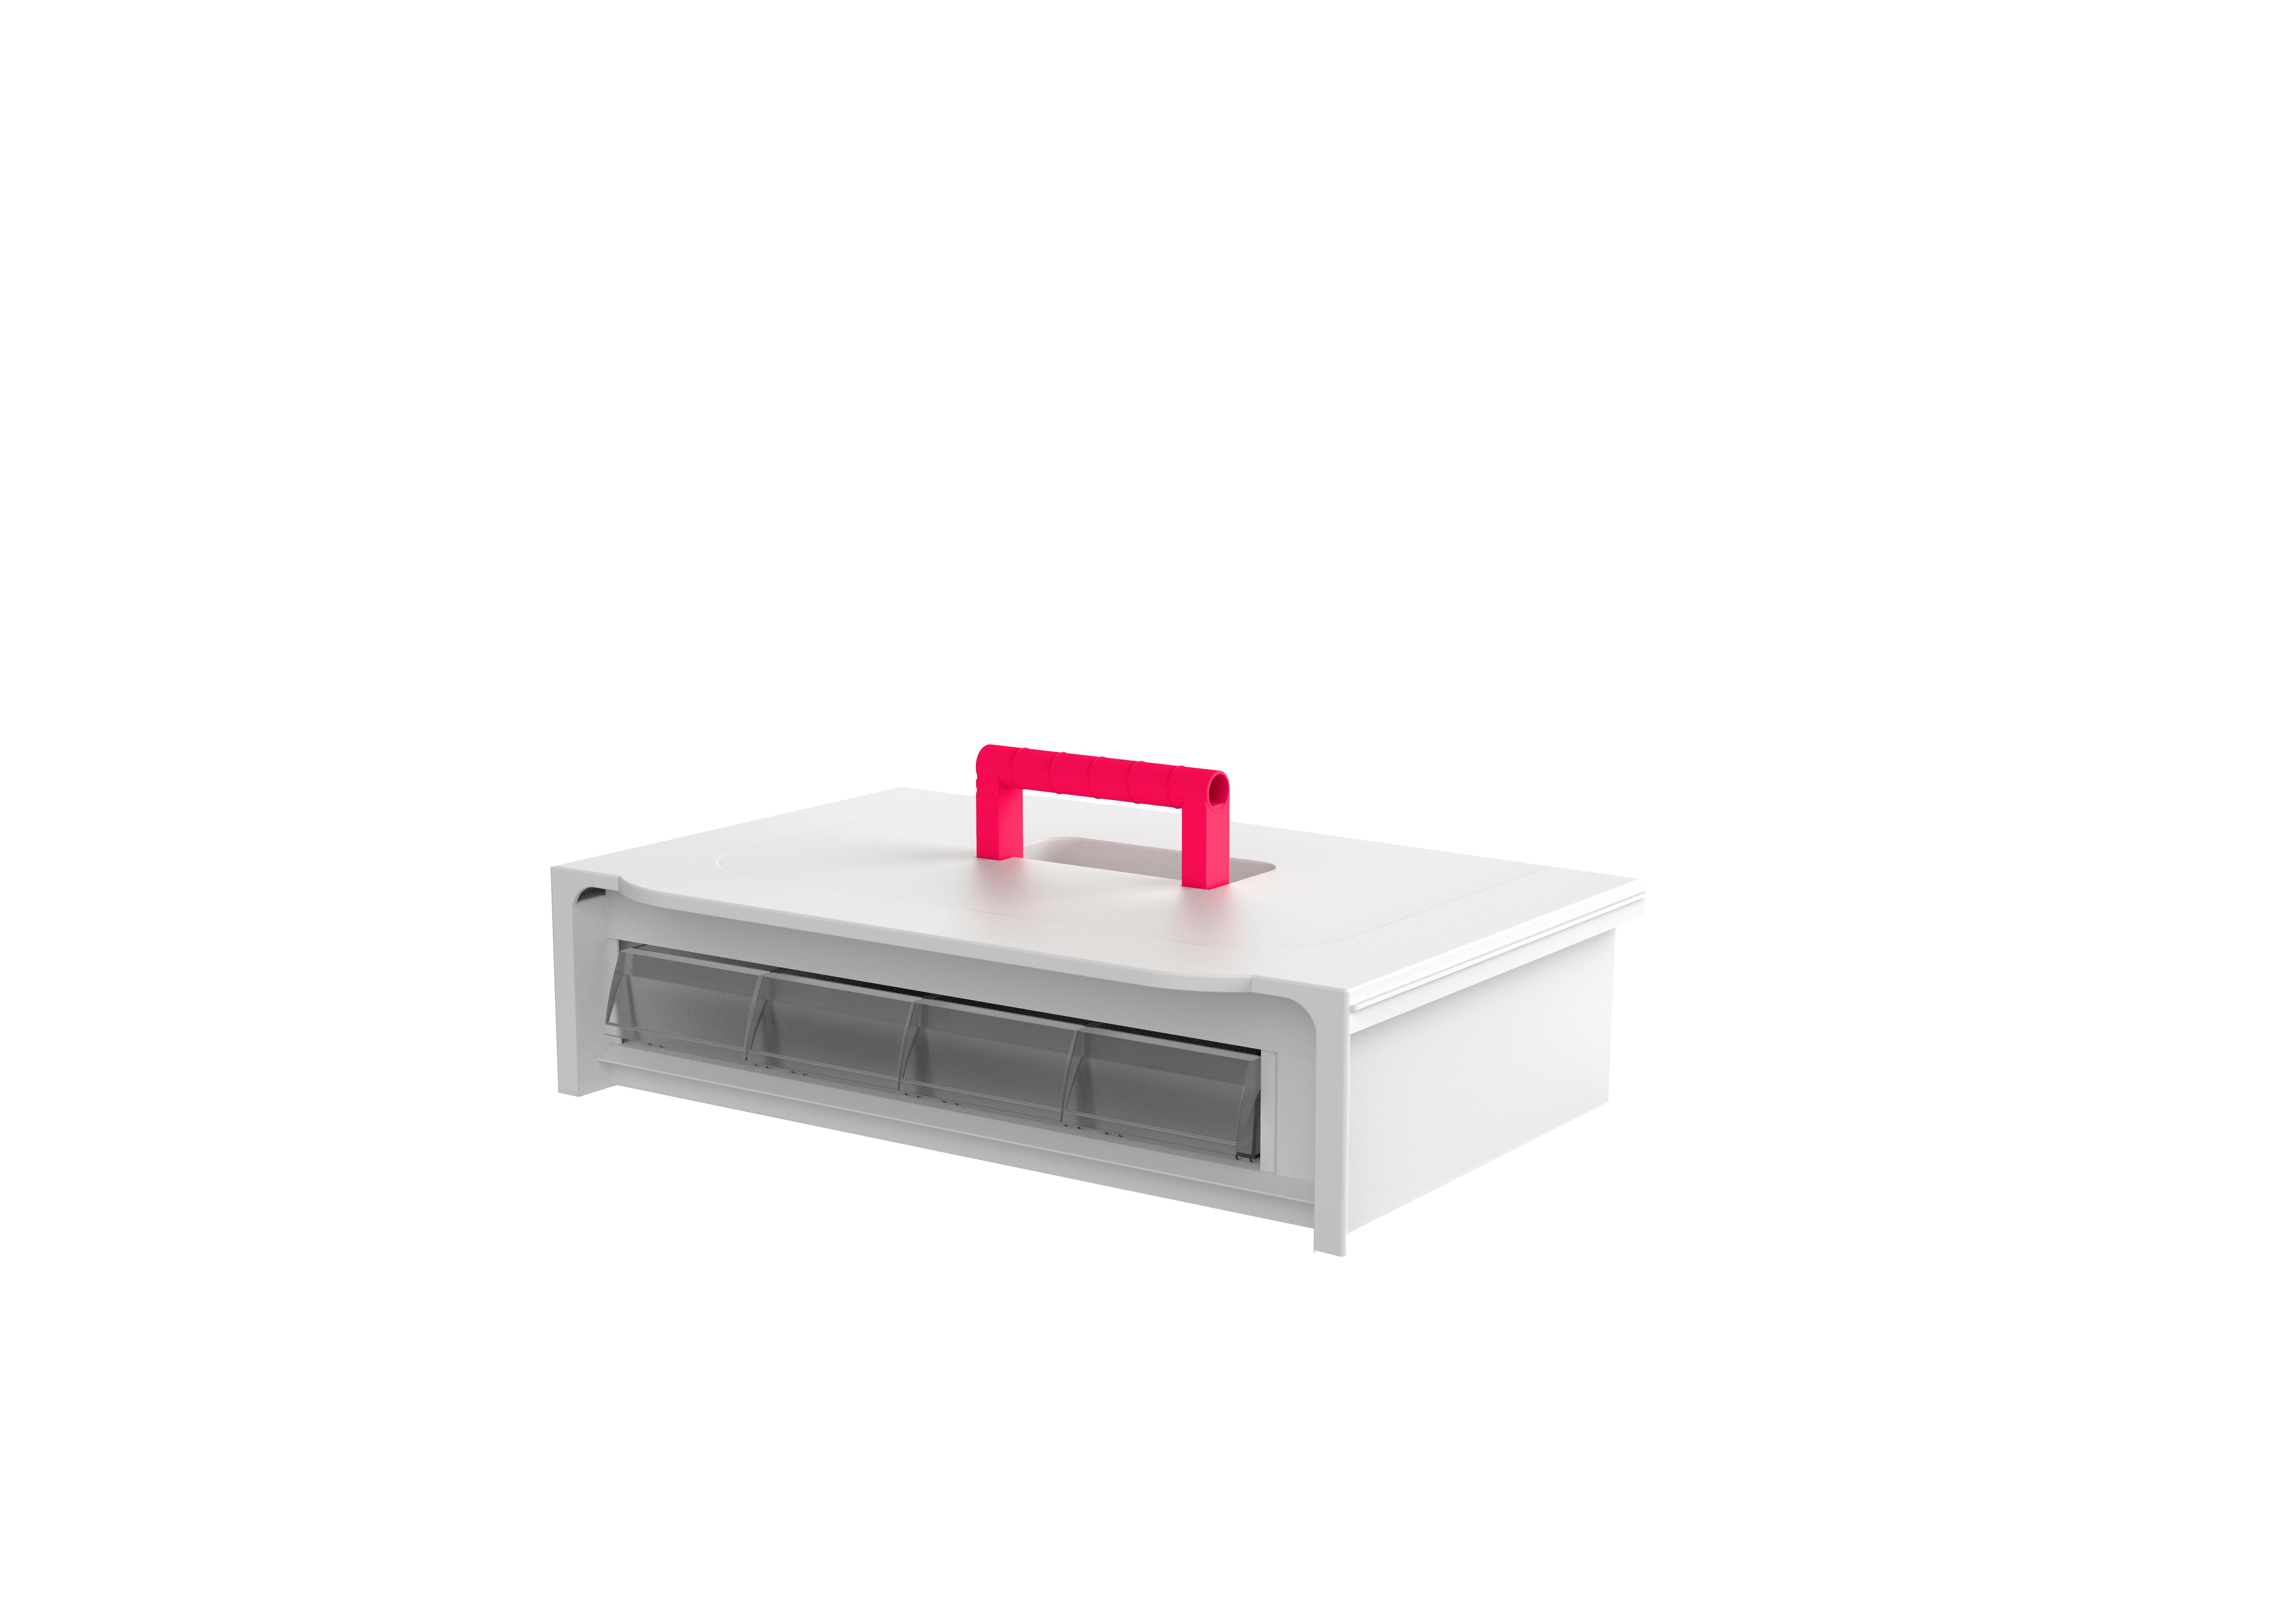 Cassette de 1 fila con 4 cubetas en su interior